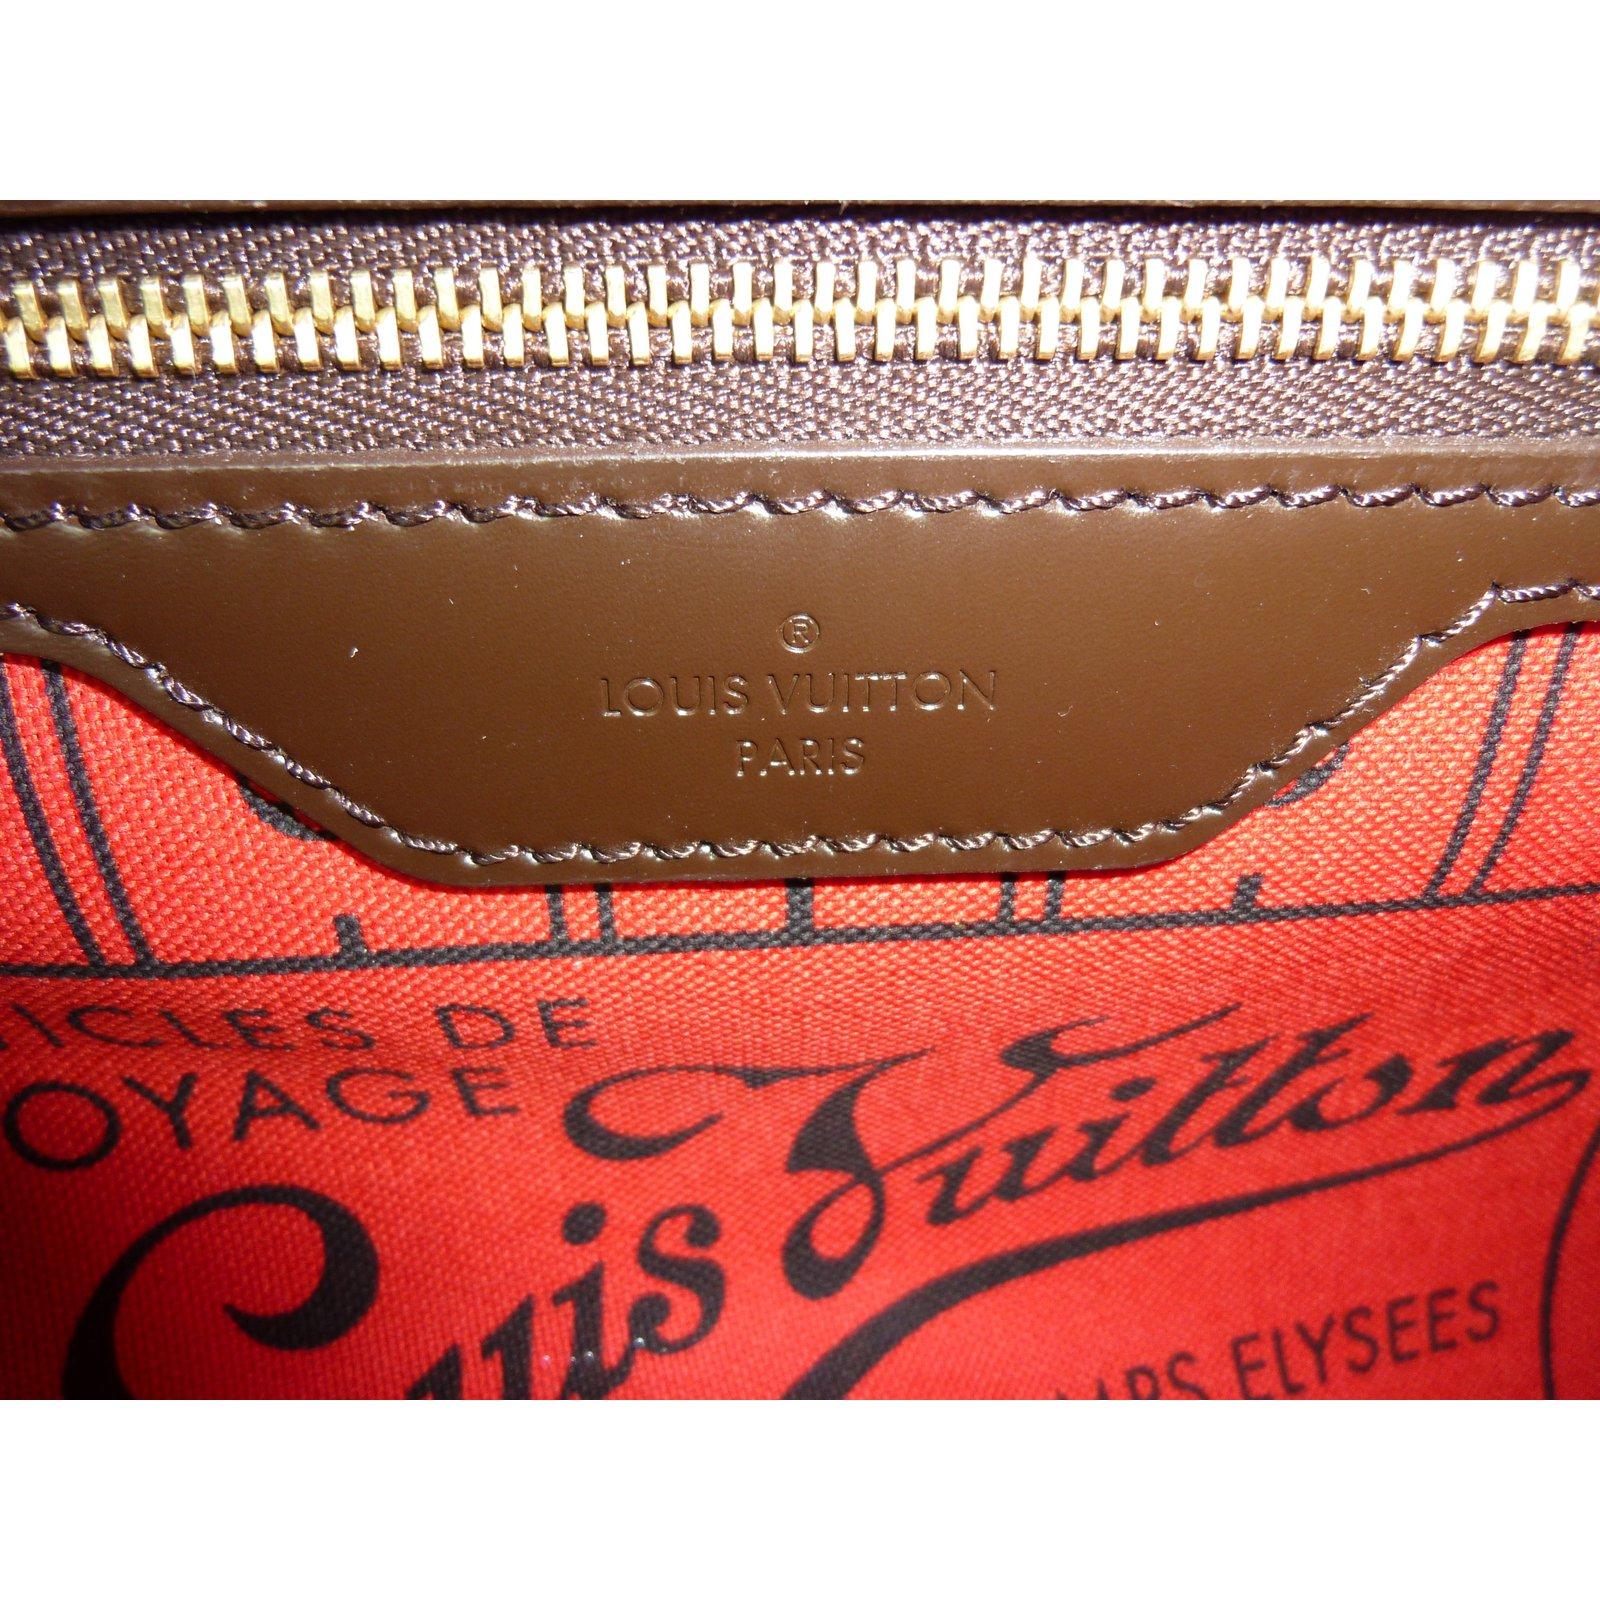 f0dfe08b922 Sacs à main Louis Vuitton Cabas Louis Vuitton Neverfull PM à damier ébène  état neuf ! Cuir